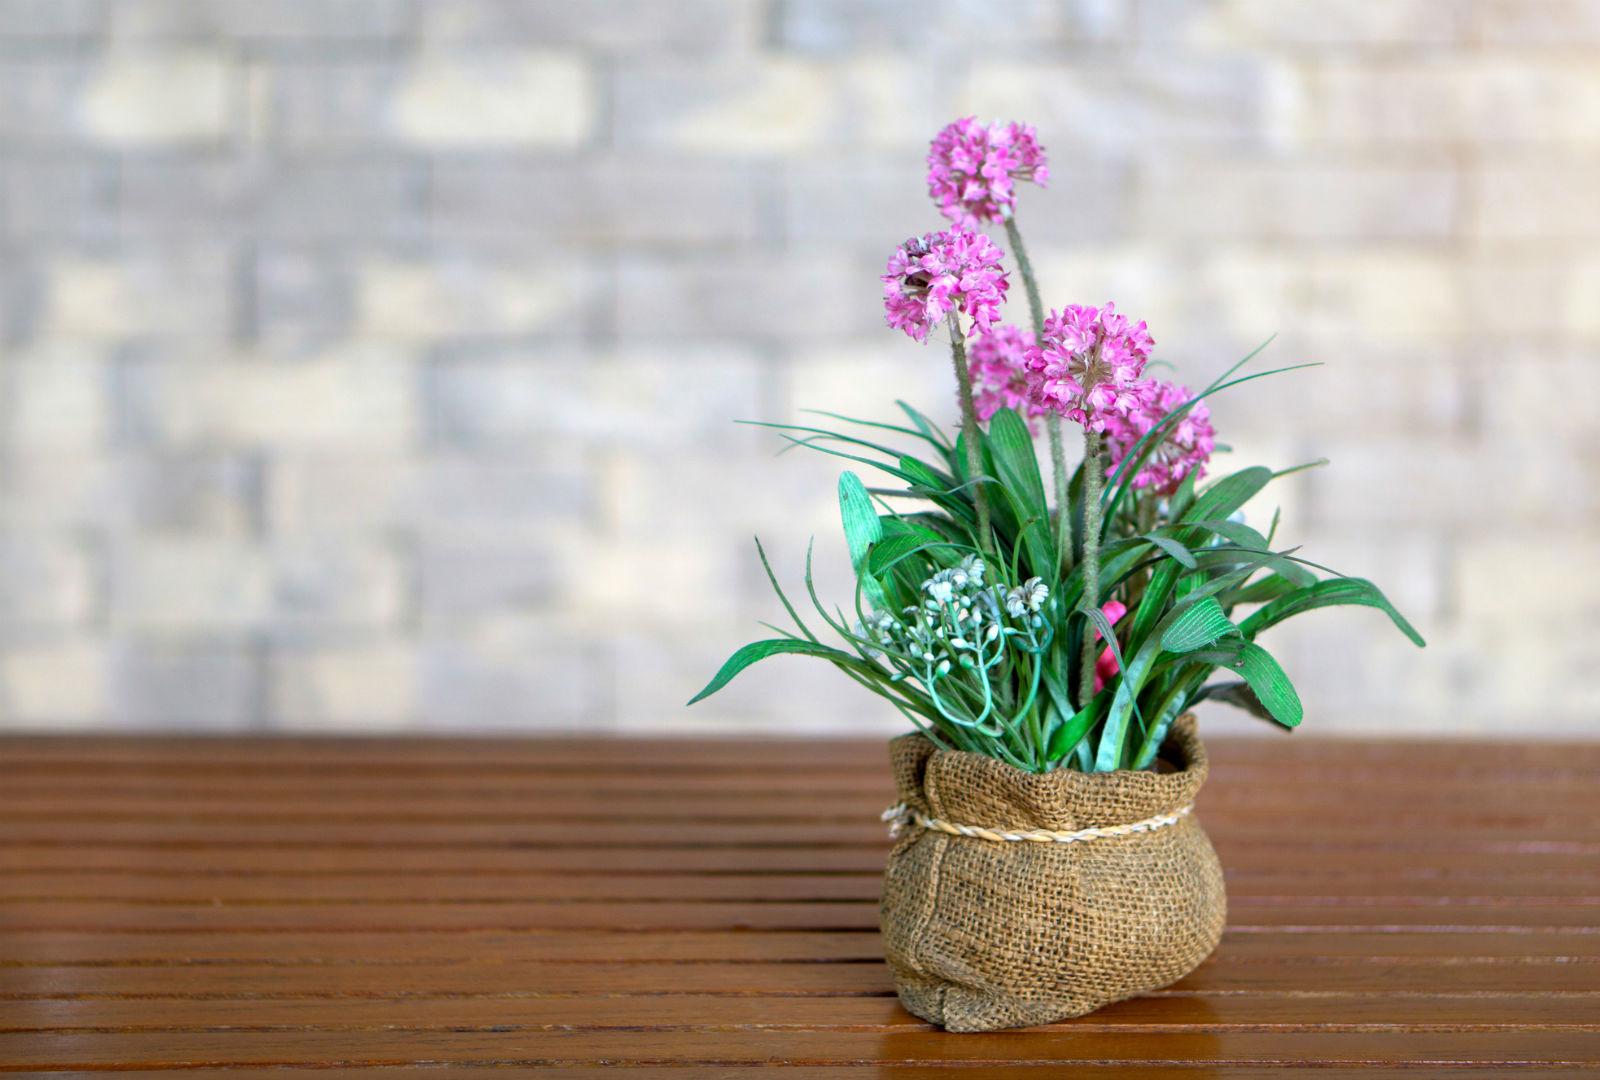 麻袋にピンクの花が生けられているイメージ。